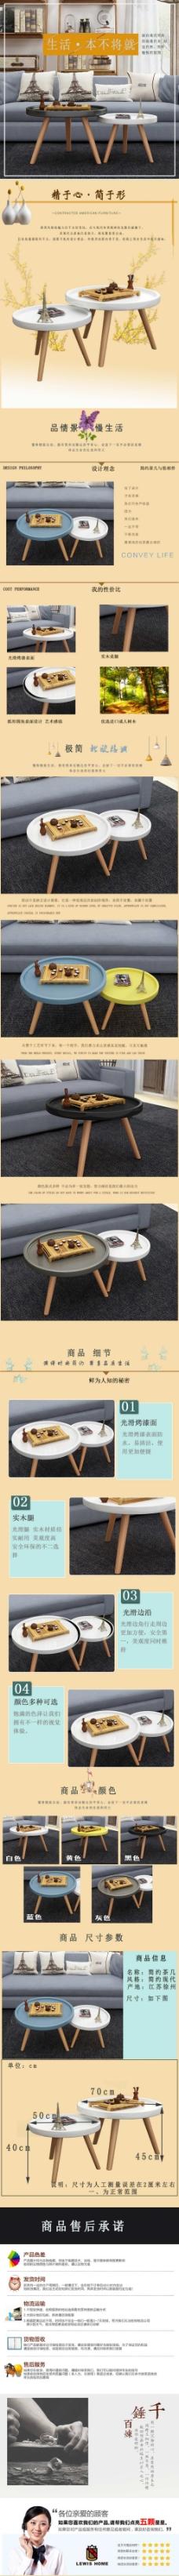 日式简约圆型茶几迷你淘宝电商详情页